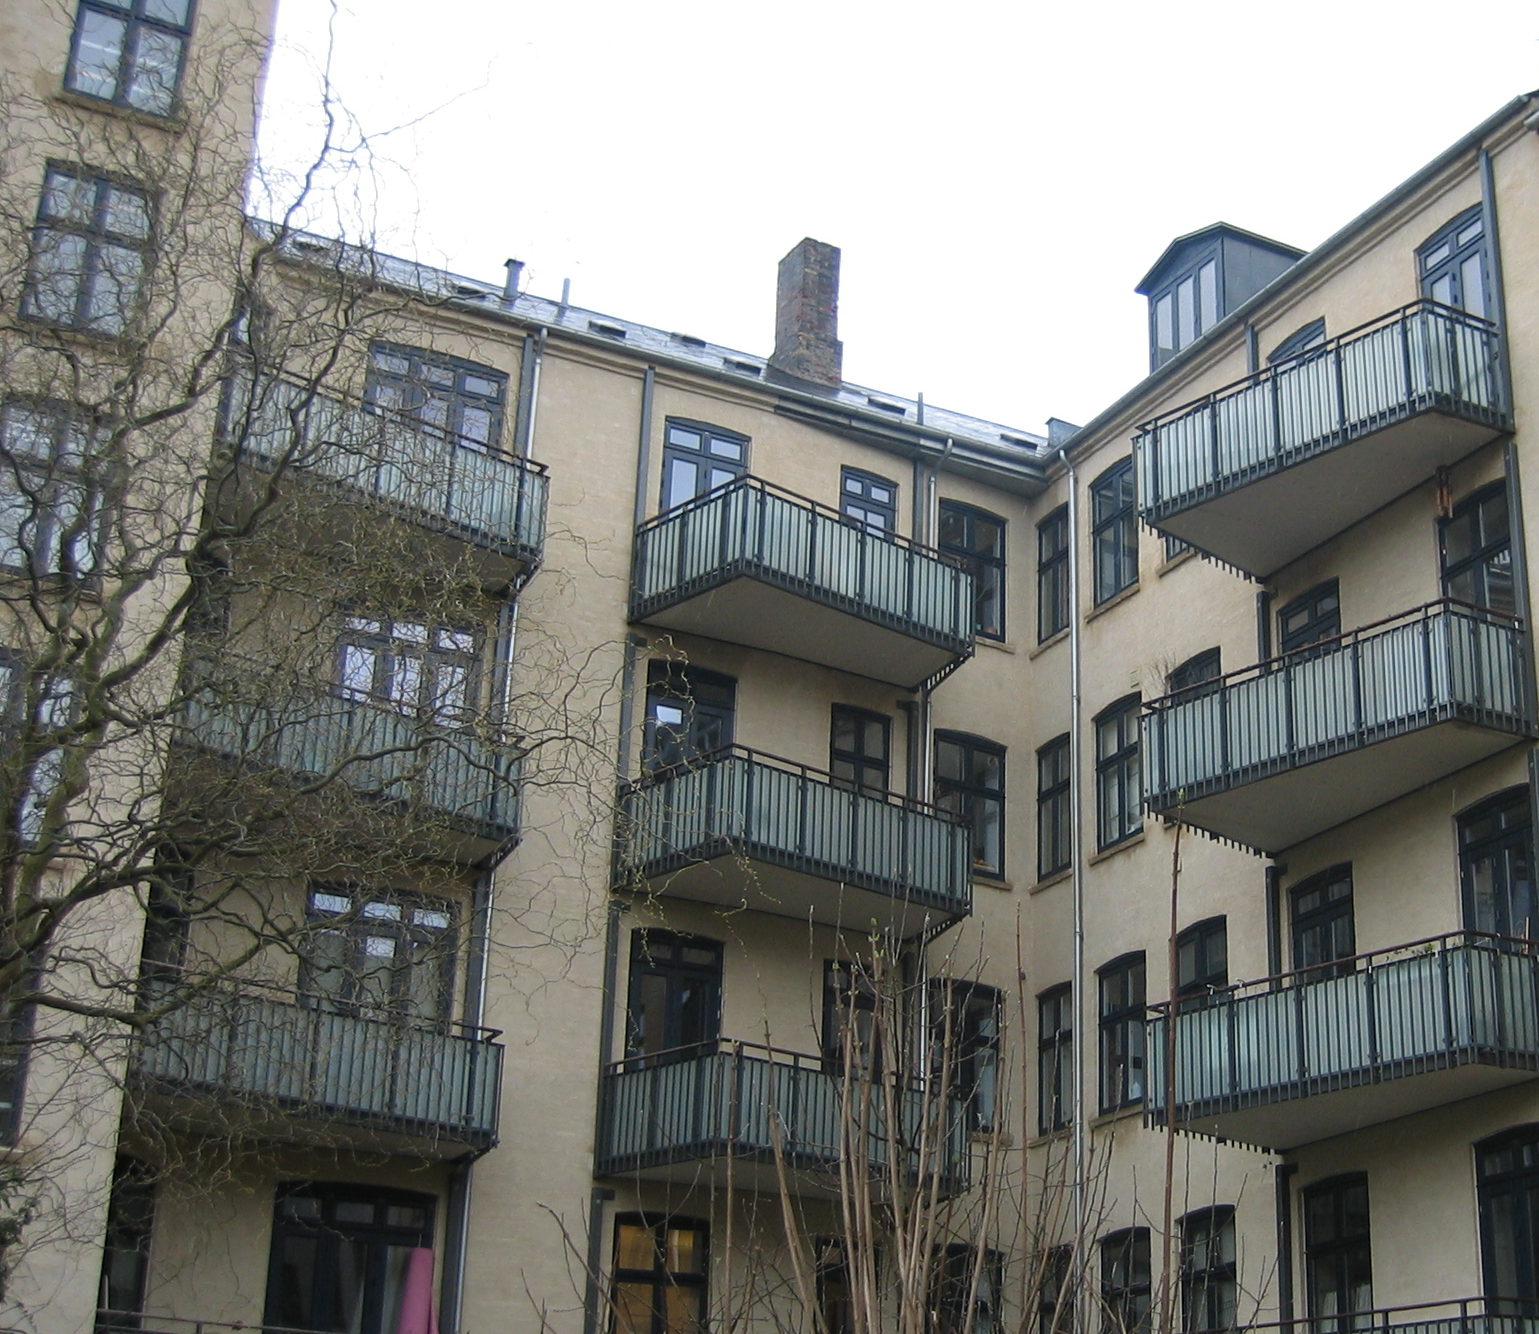 Andelsforening H.C. Ørstedsvej 39c med nyopførte altaner og renoveret gårdfacade